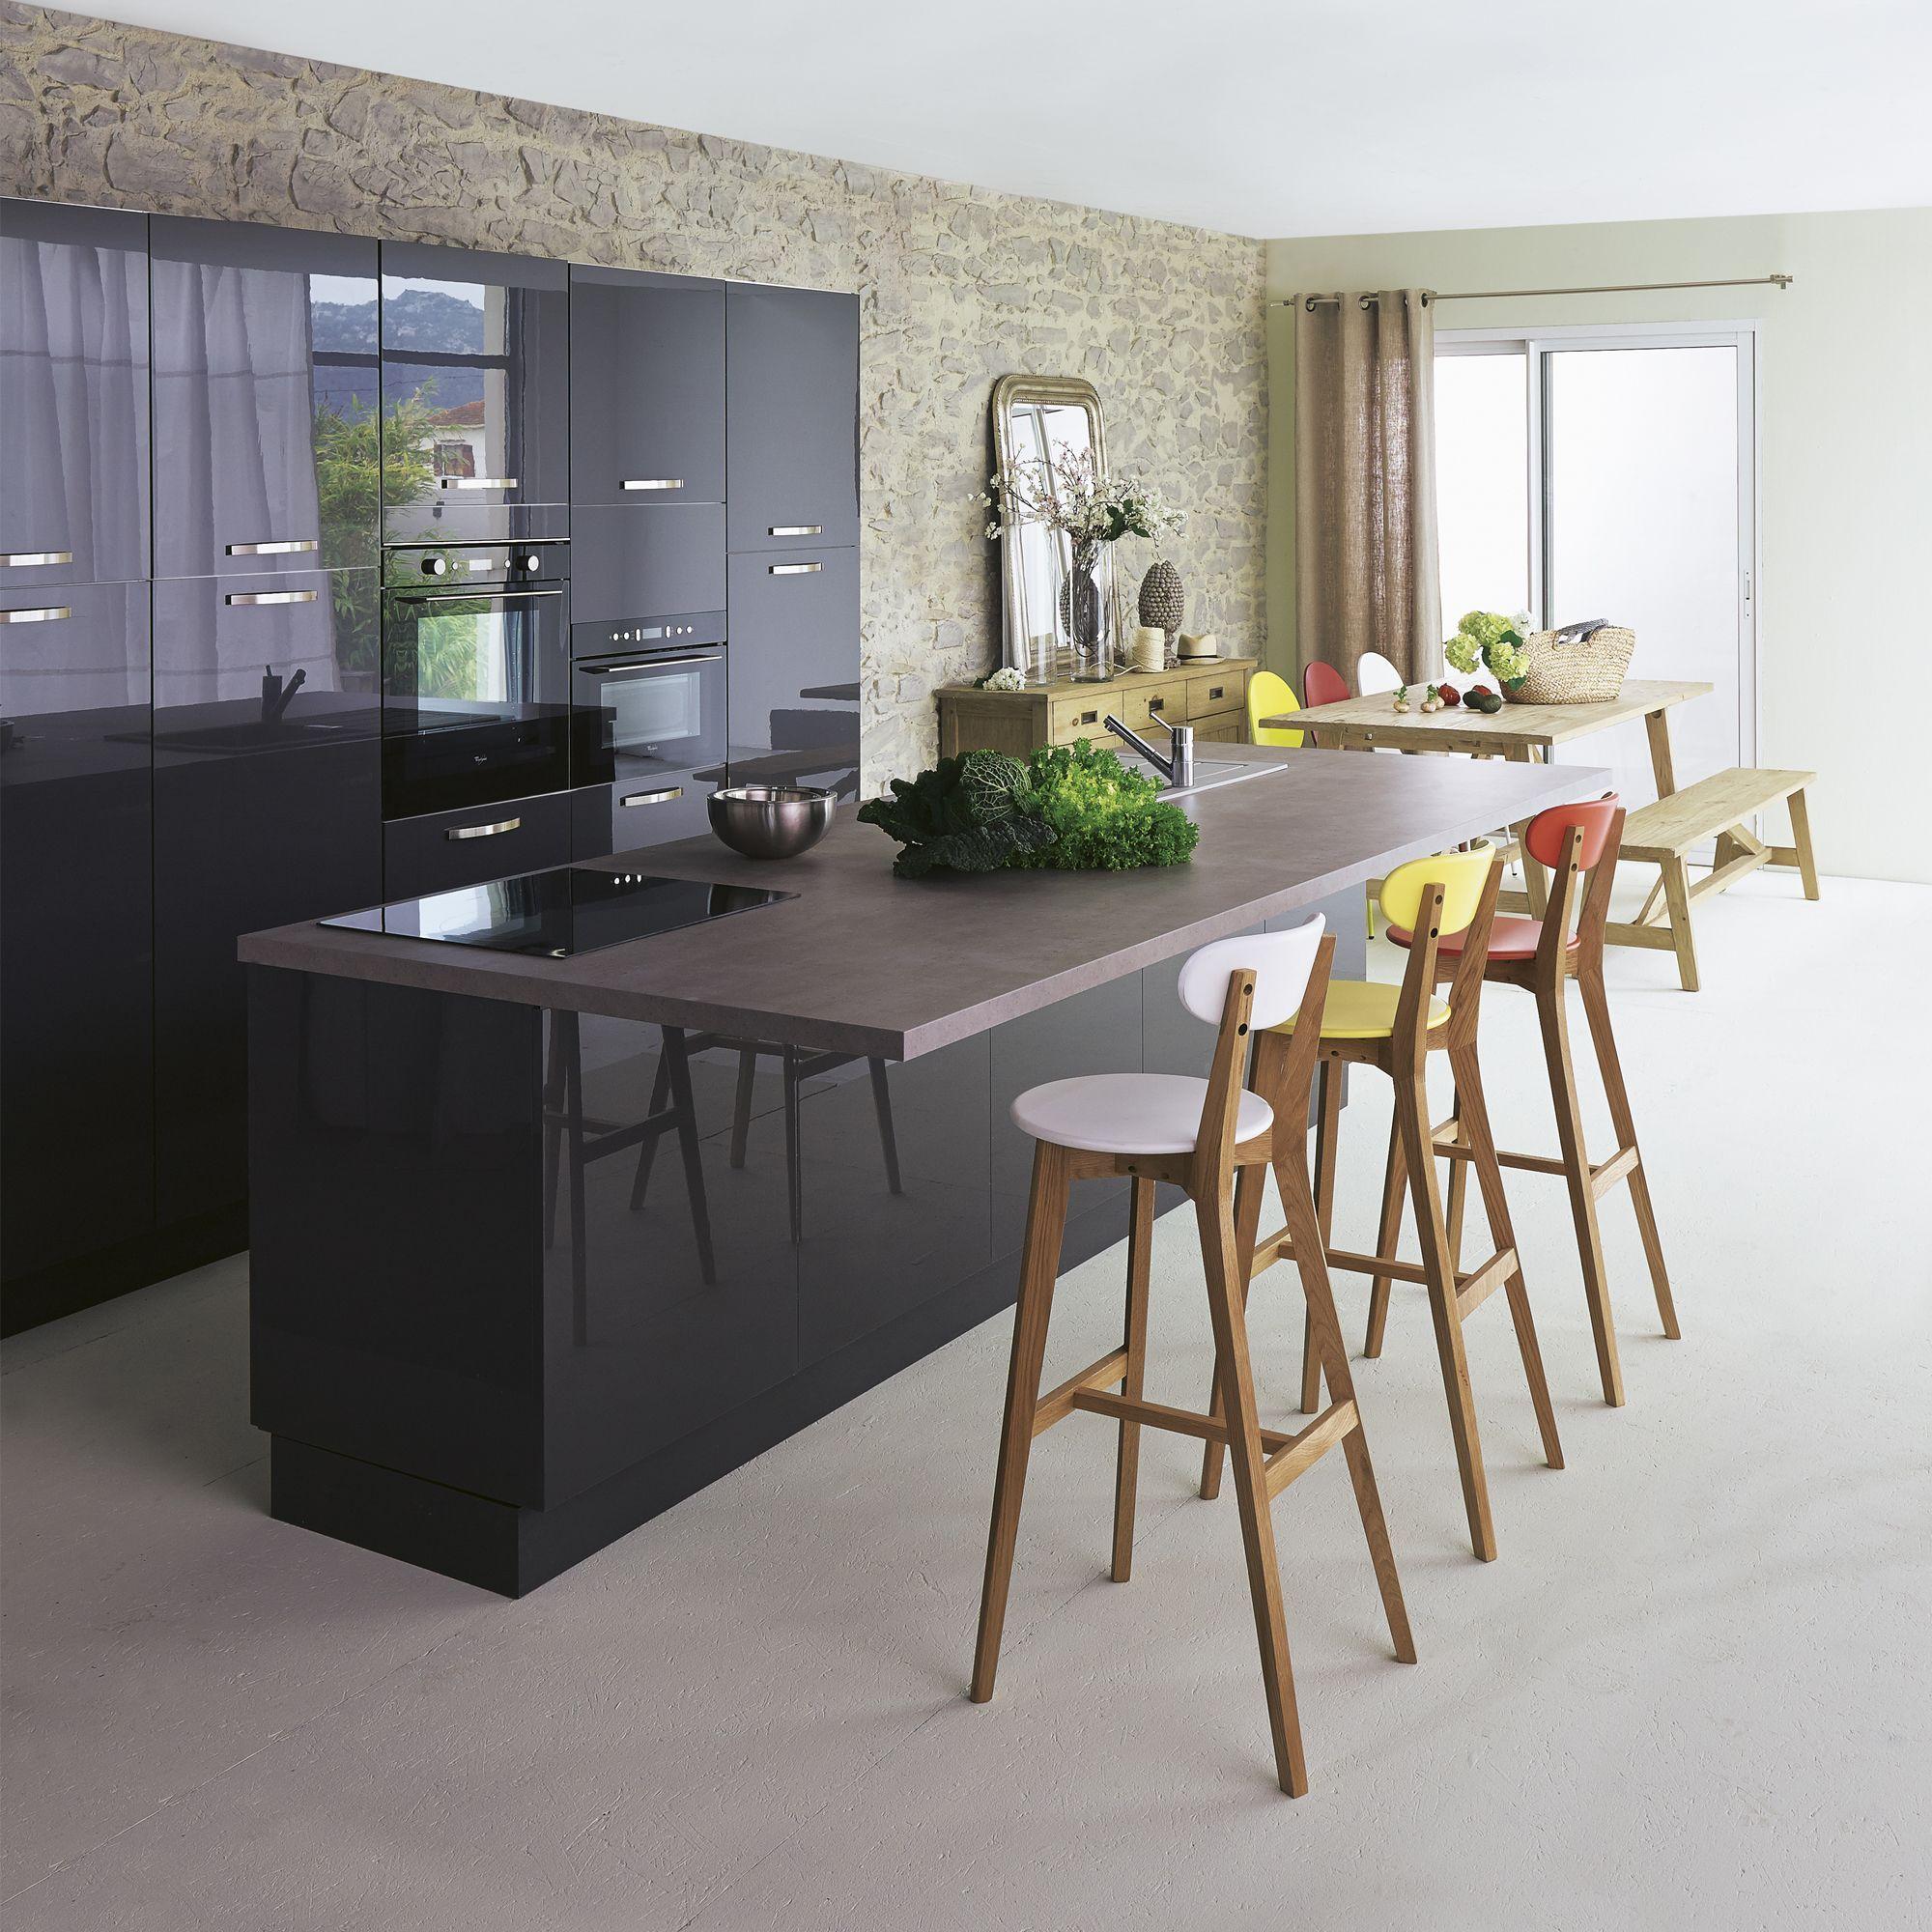 Table Haute Cuisine Alinea cuisine à composer - modèle type rimini gris - meubles de